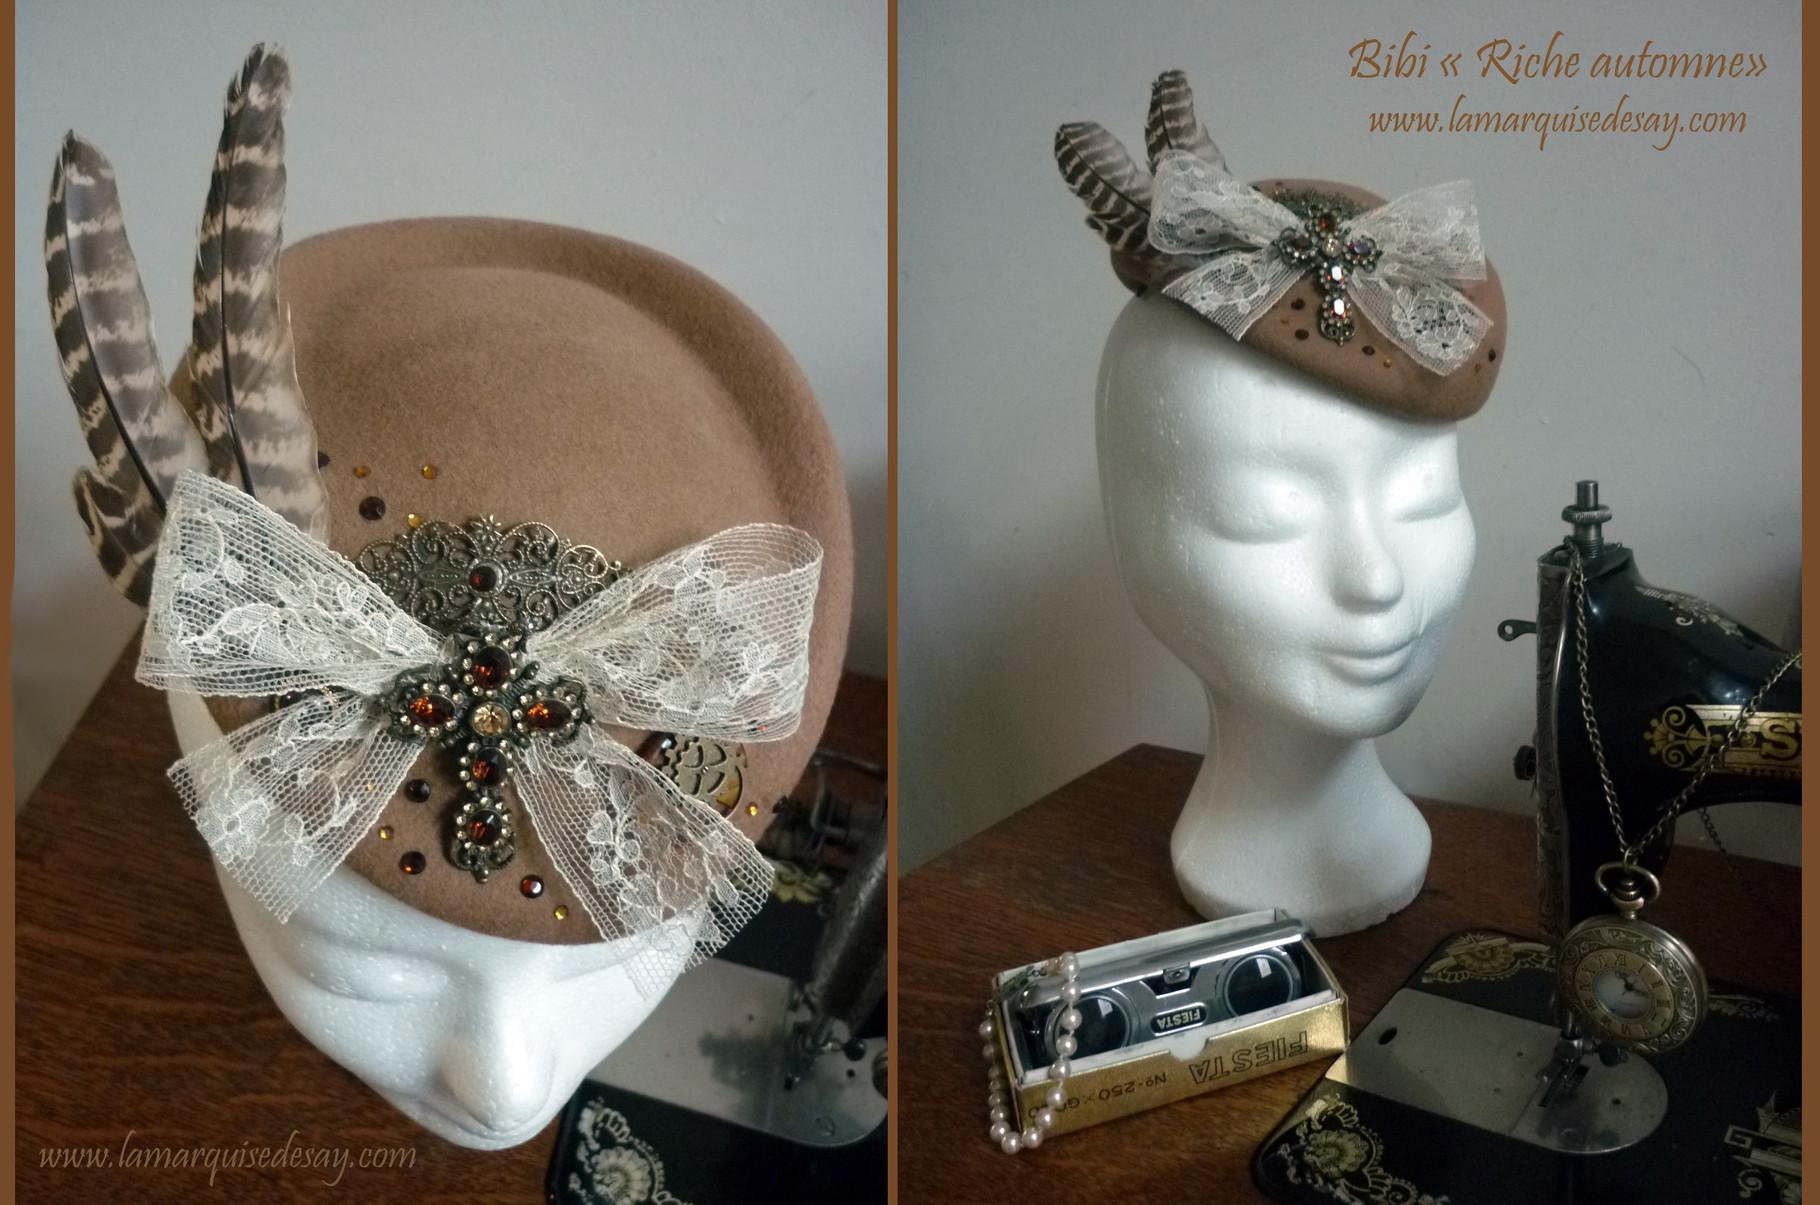 Bibi Riche automne - Feutre brun clair